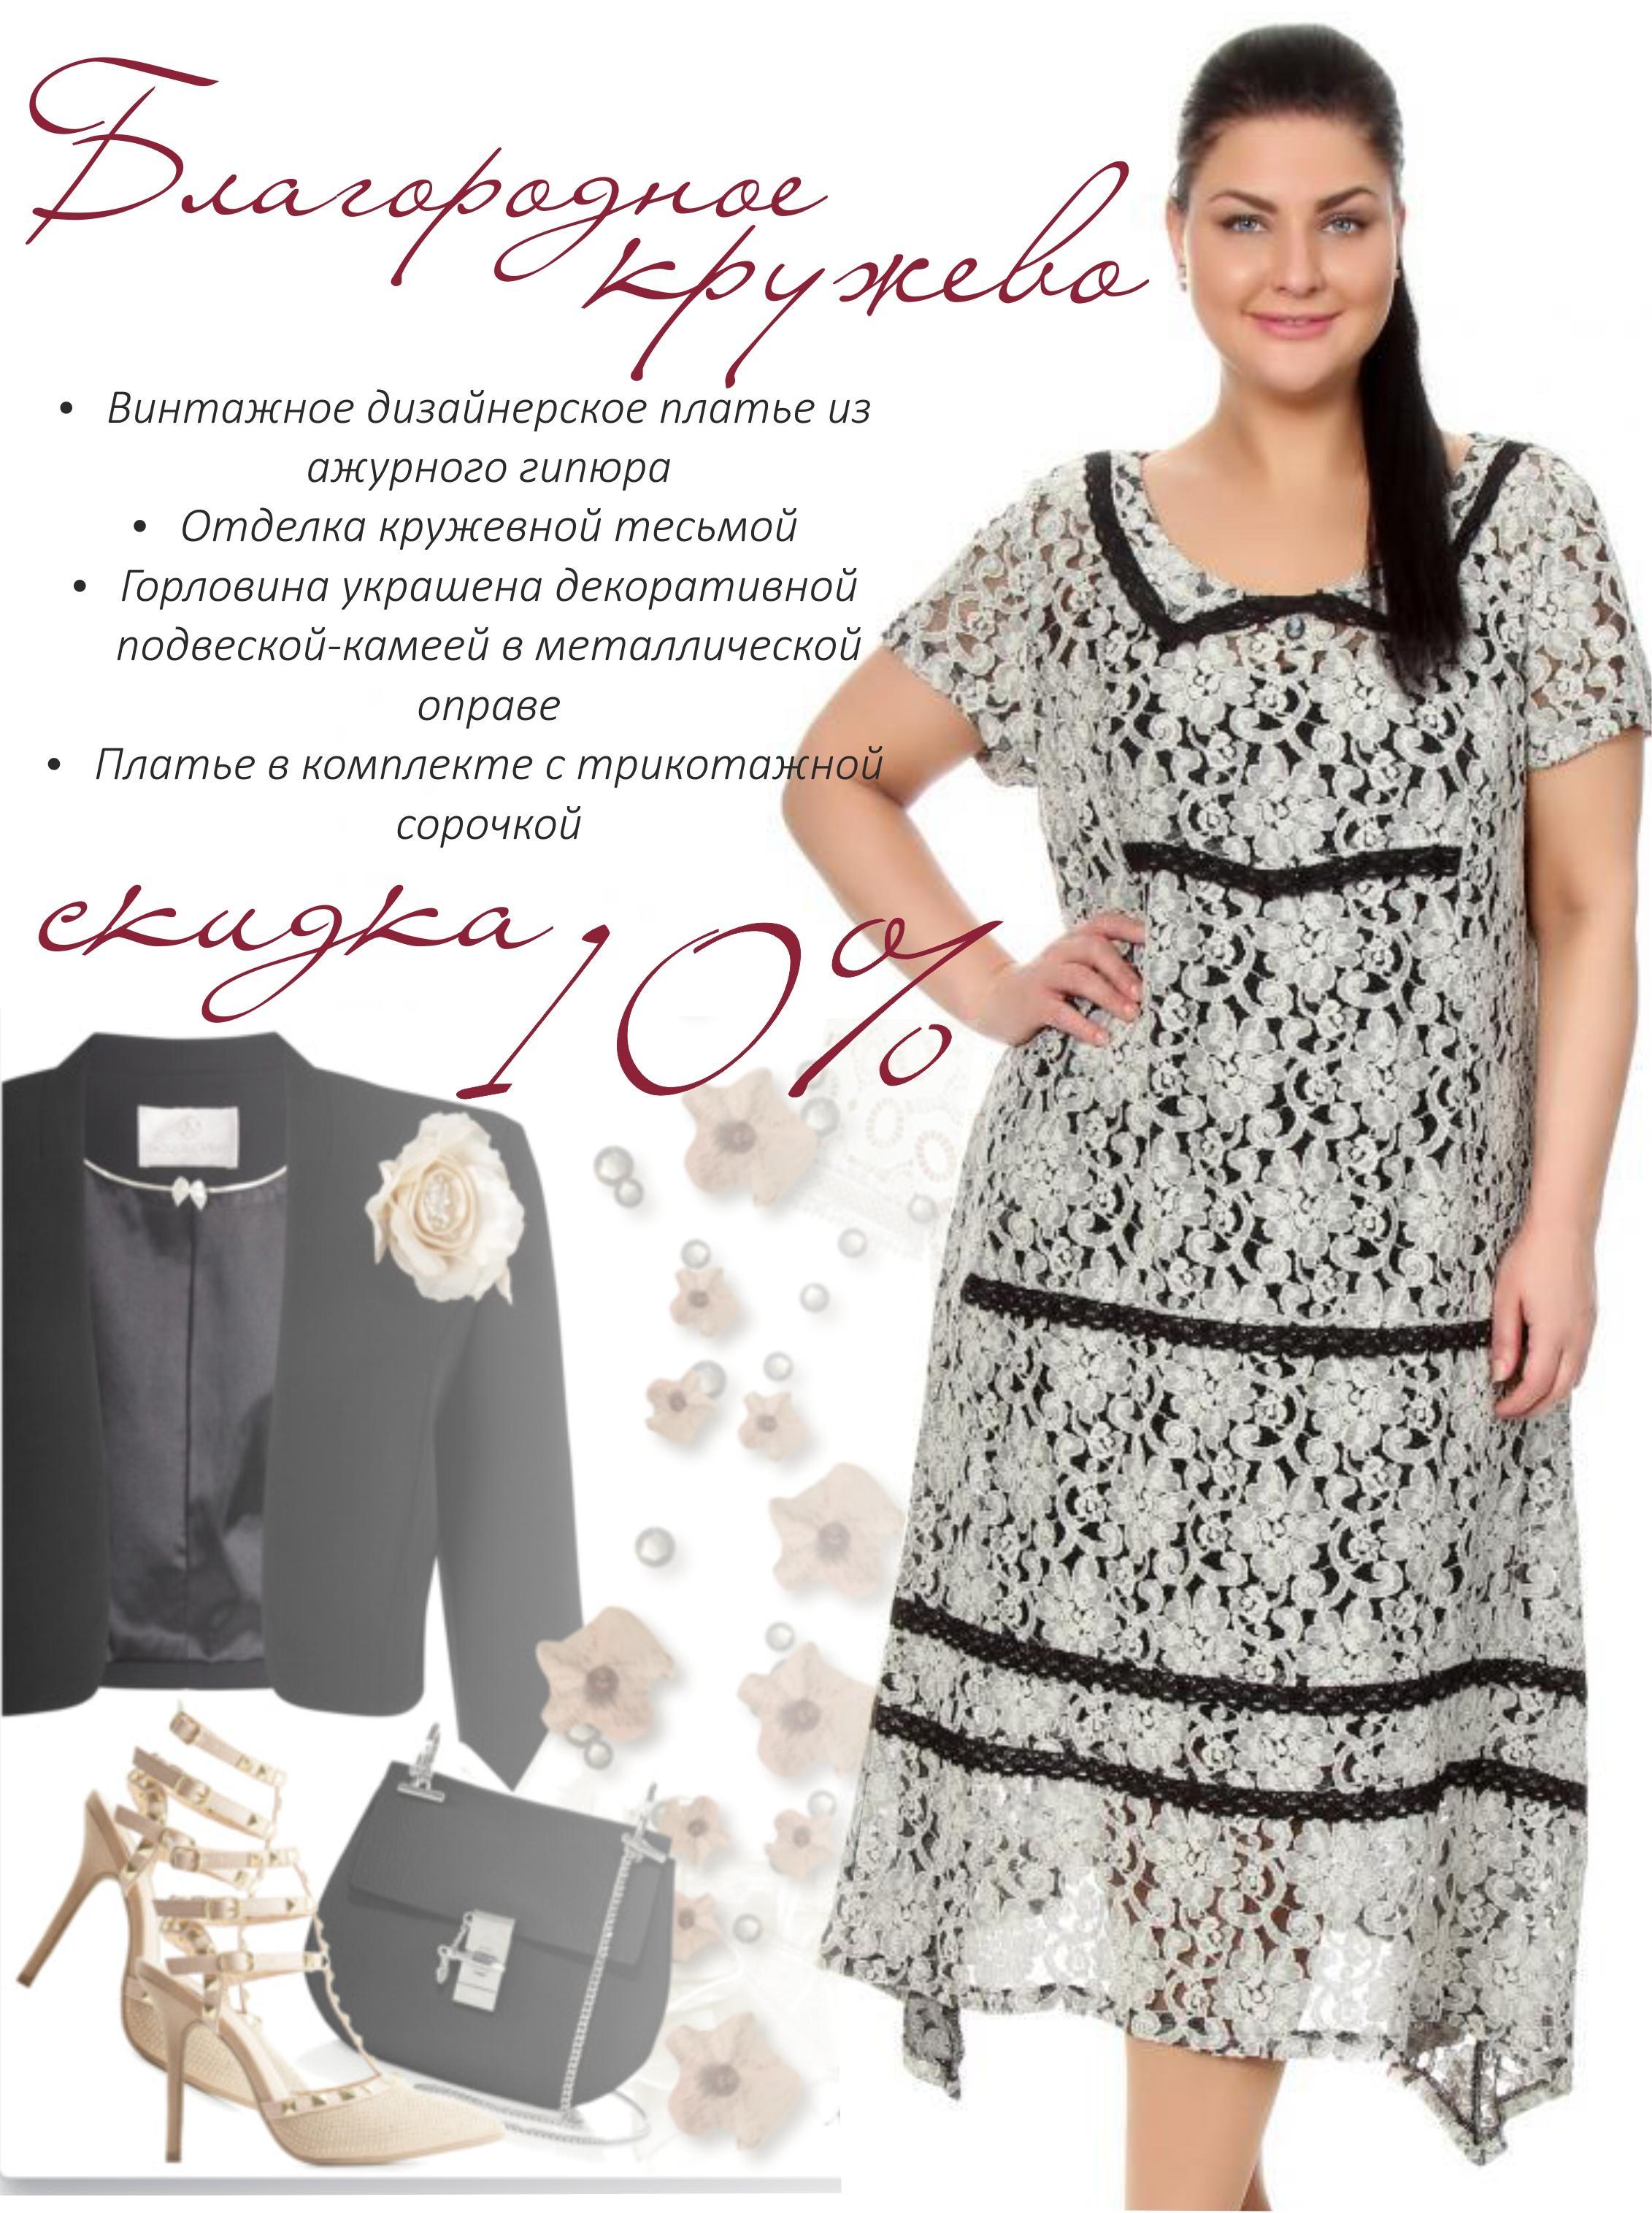 0ec3e41bc94 Акция 2226. Утонченный образ - минус 10% на изящные кружевные платья